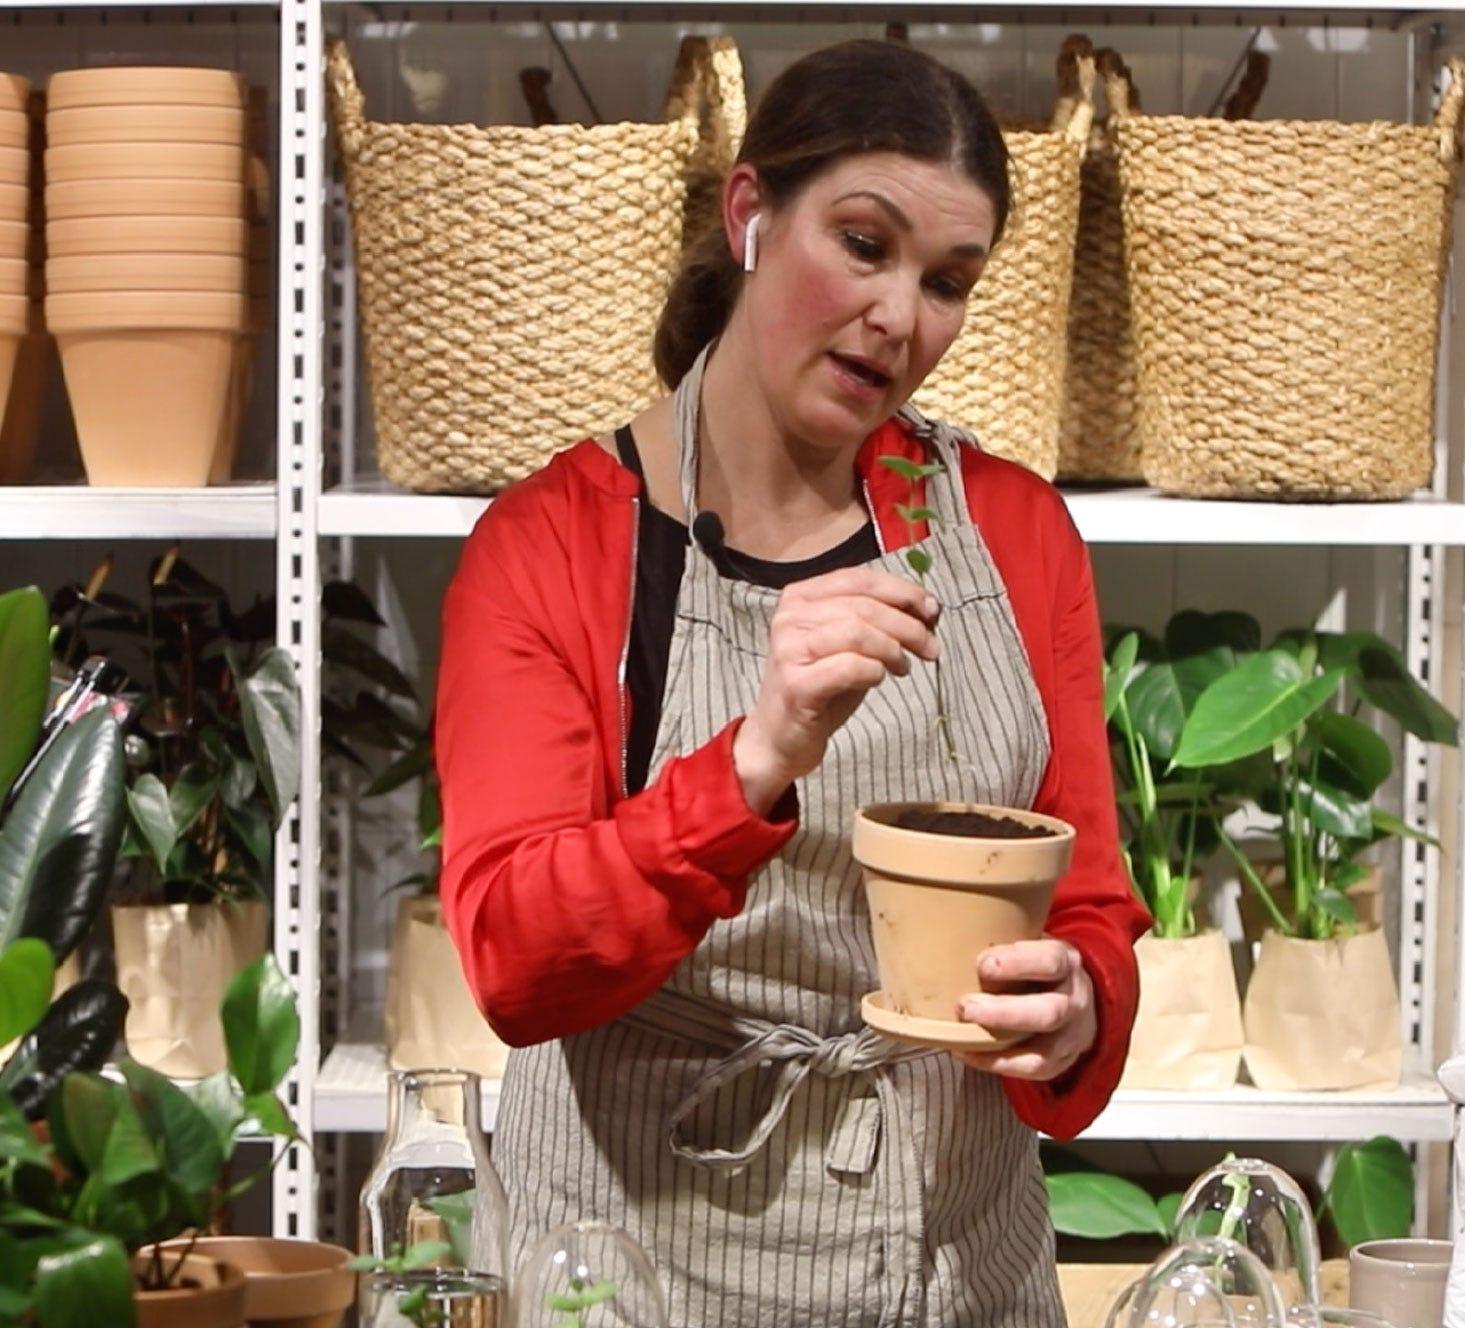 Placera ner plantan i hålet och tryck försiktigt till runt om.